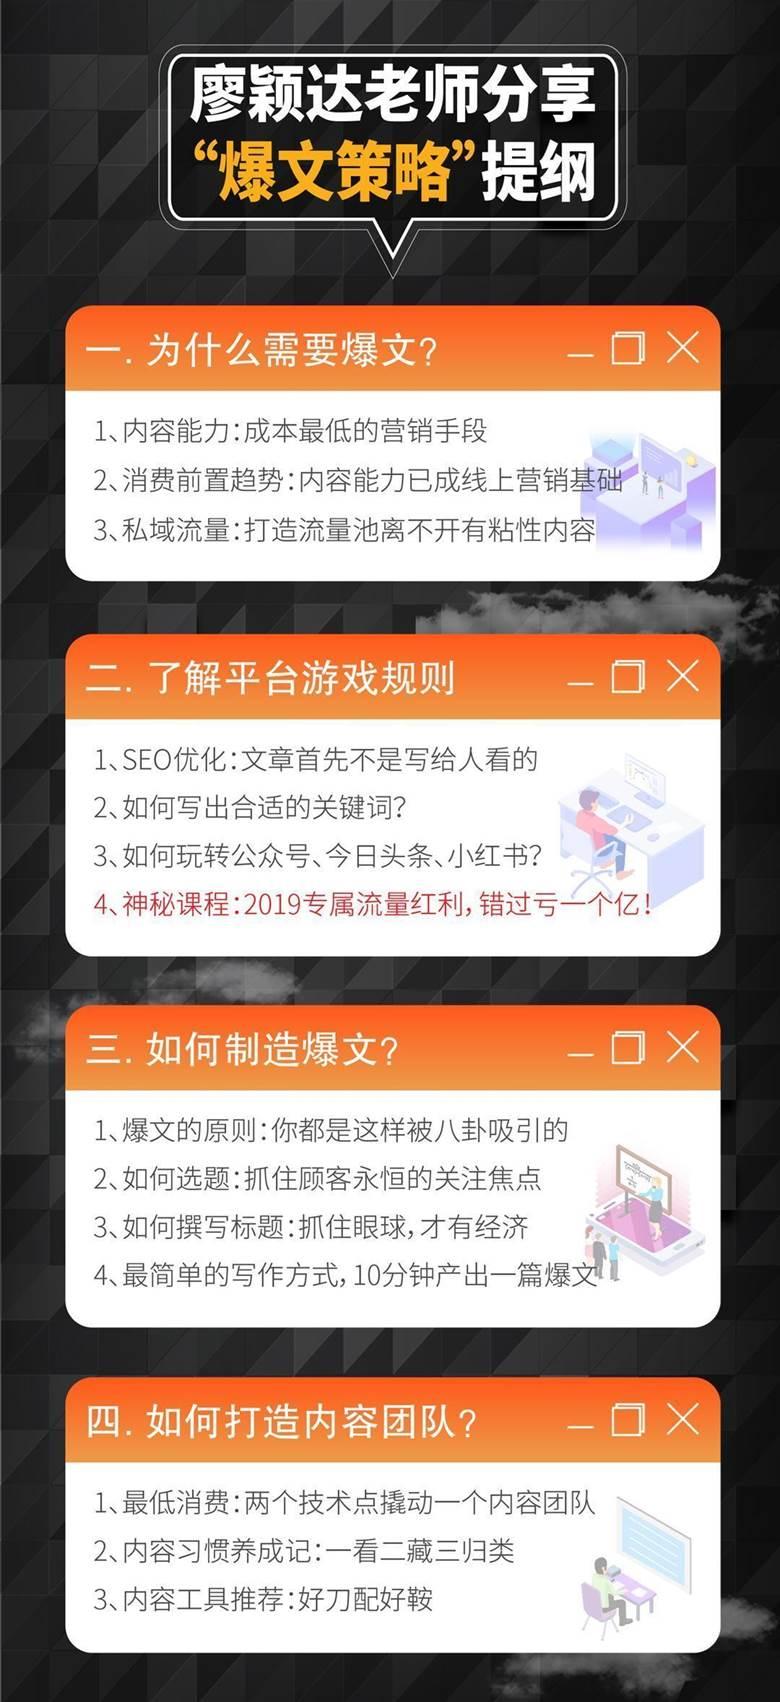 廖颖达课程.jpg